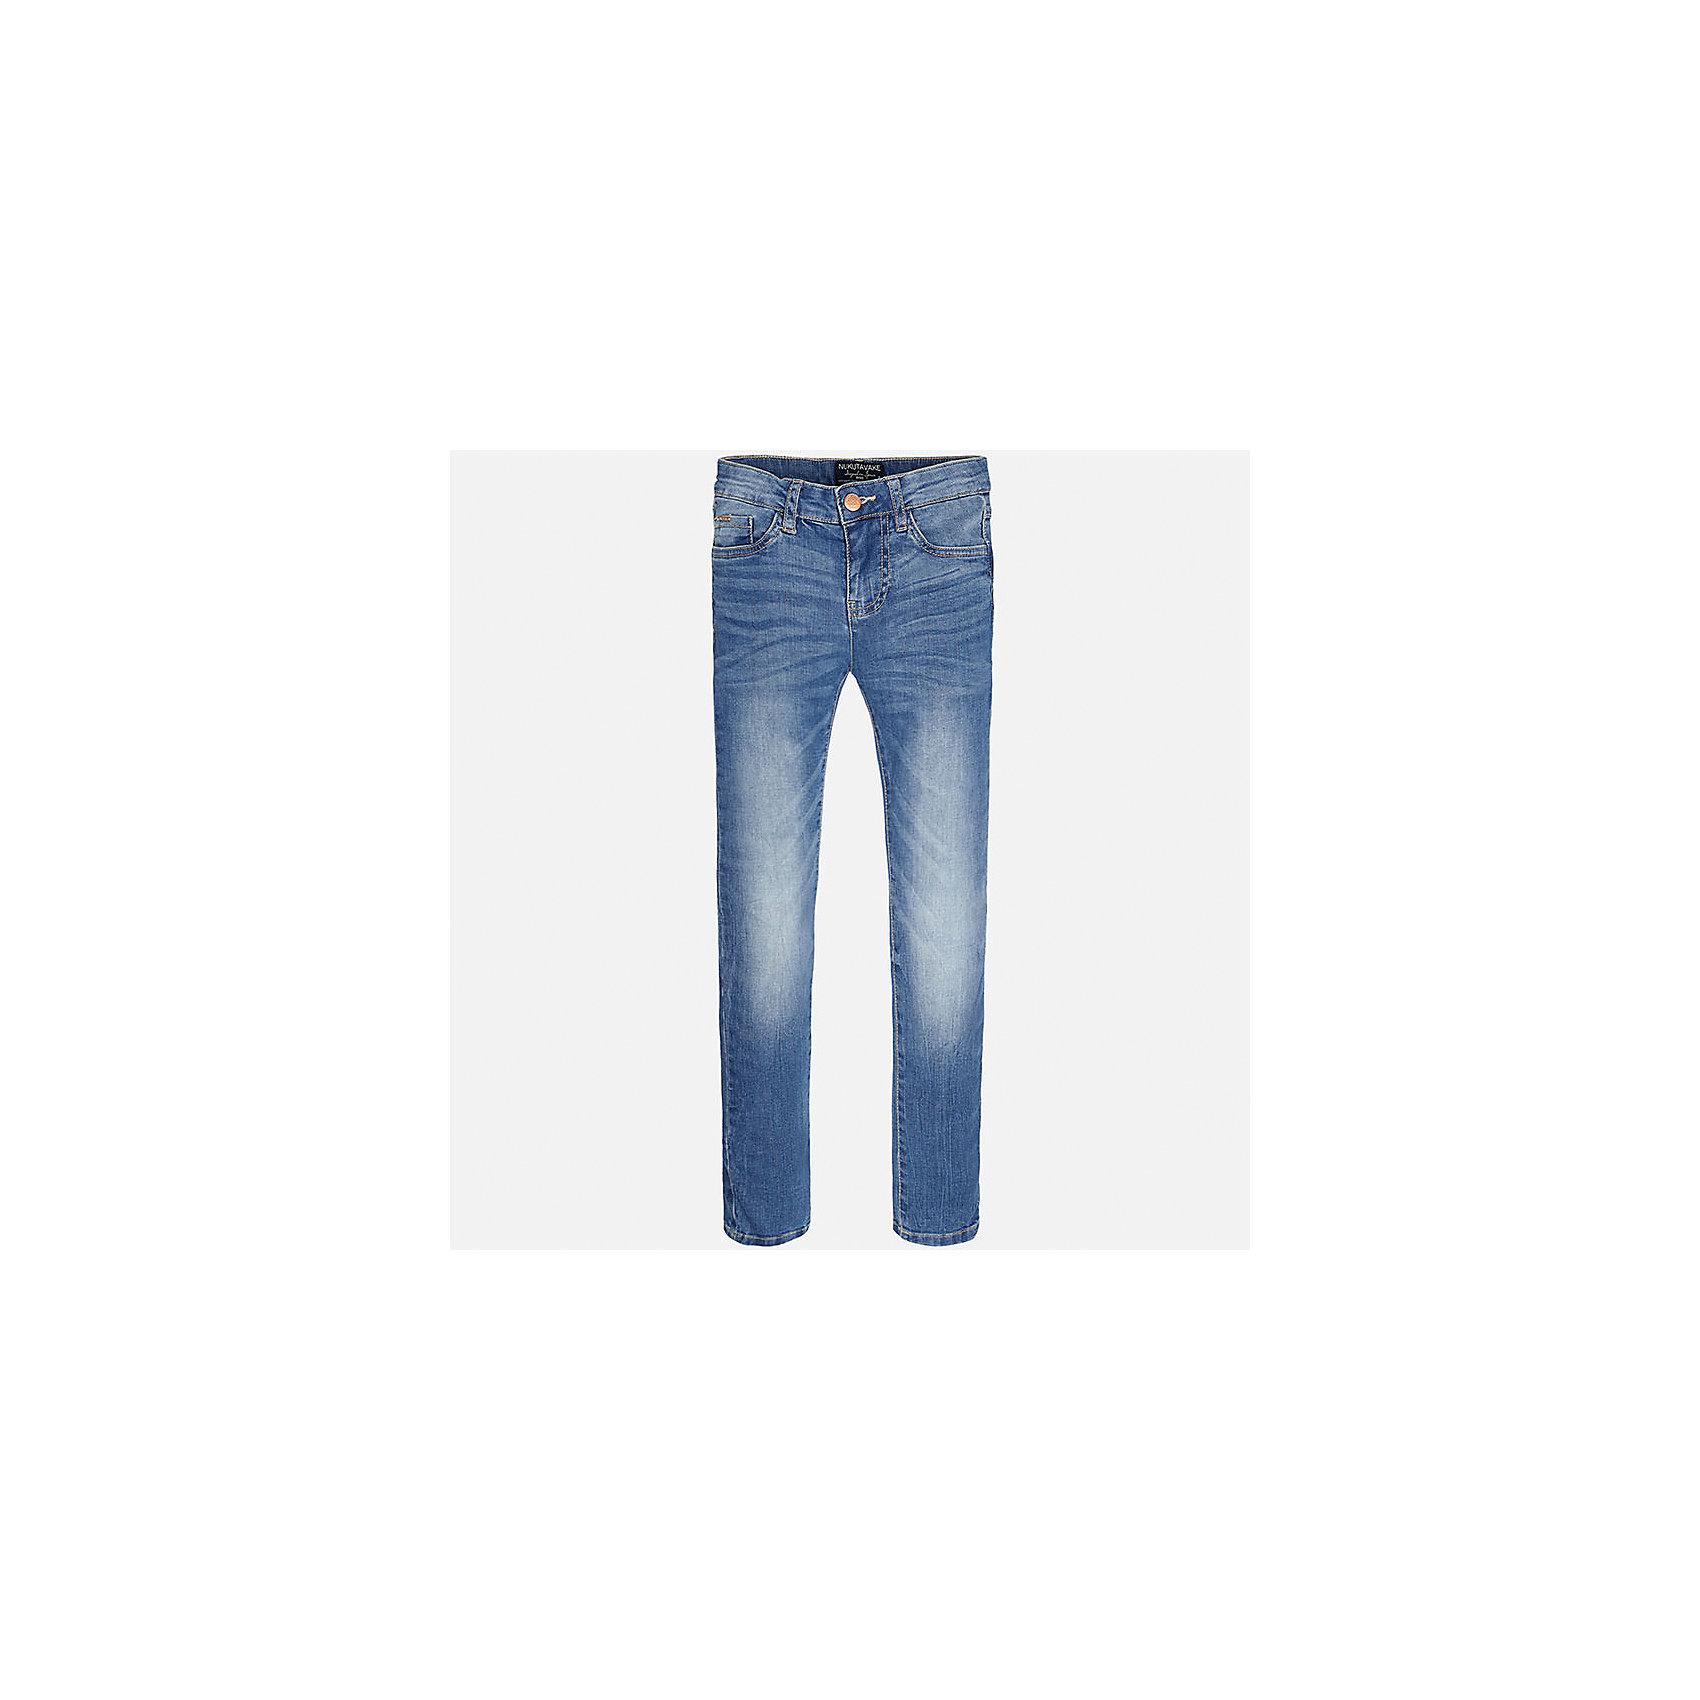 Джинсы для мальчика MayoralДжинсовая одежда<br>Характеристики товара:<br><br>• цвет: синий<br>• состав: 99% хлопок, 1% эластан<br>• имитация потертостей<br>• шлевки<br>• карманы<br>• пояс с регулировкой объема<br>• классический силуэт<br>• страна бренда: Испания<br><br>Стильные удобные джинсы для мальчика смогут стать базовой вещью в гардеробе ребенка. Они отлично сочетаются с майками, футболками, рубашками и т.д. Универсальный крой и цвет позволяет подобрать к вещи верх разных расцветок. Практичное и стильное изделие! В составе материала - натуральный хлопок, гипоаллергенный, приятный на ощупь, дышащий.<br><br>Одежда, обувь и аксессуары от испанского бренда Mayoral полюбились детям и взрослым по всему миру. Модели этой марки - стильные и удобные. Для их производства используются только безопасные, качественные материалы и фурнитура. Порадуйте ребенка модными и красивыми вещами от Mayoral! <br><br>Джинсы для мальчика от испанского бренда Mayoral (Майорал) можно купить в нашем интернет-магазине.<br><br>Ширина мм: 215<br>Глубина мм: 88<br>Высота мм: 191<br>Вес г: 336<br>Цвет: синий<br>Возраст от месяцев: 84<br>Возраст до месяцев: 96<br>Пол: Мужской<br>Возраст: Детский<br>Размер: 128/134,152,170,164,158,140<br>SKU: 5277641